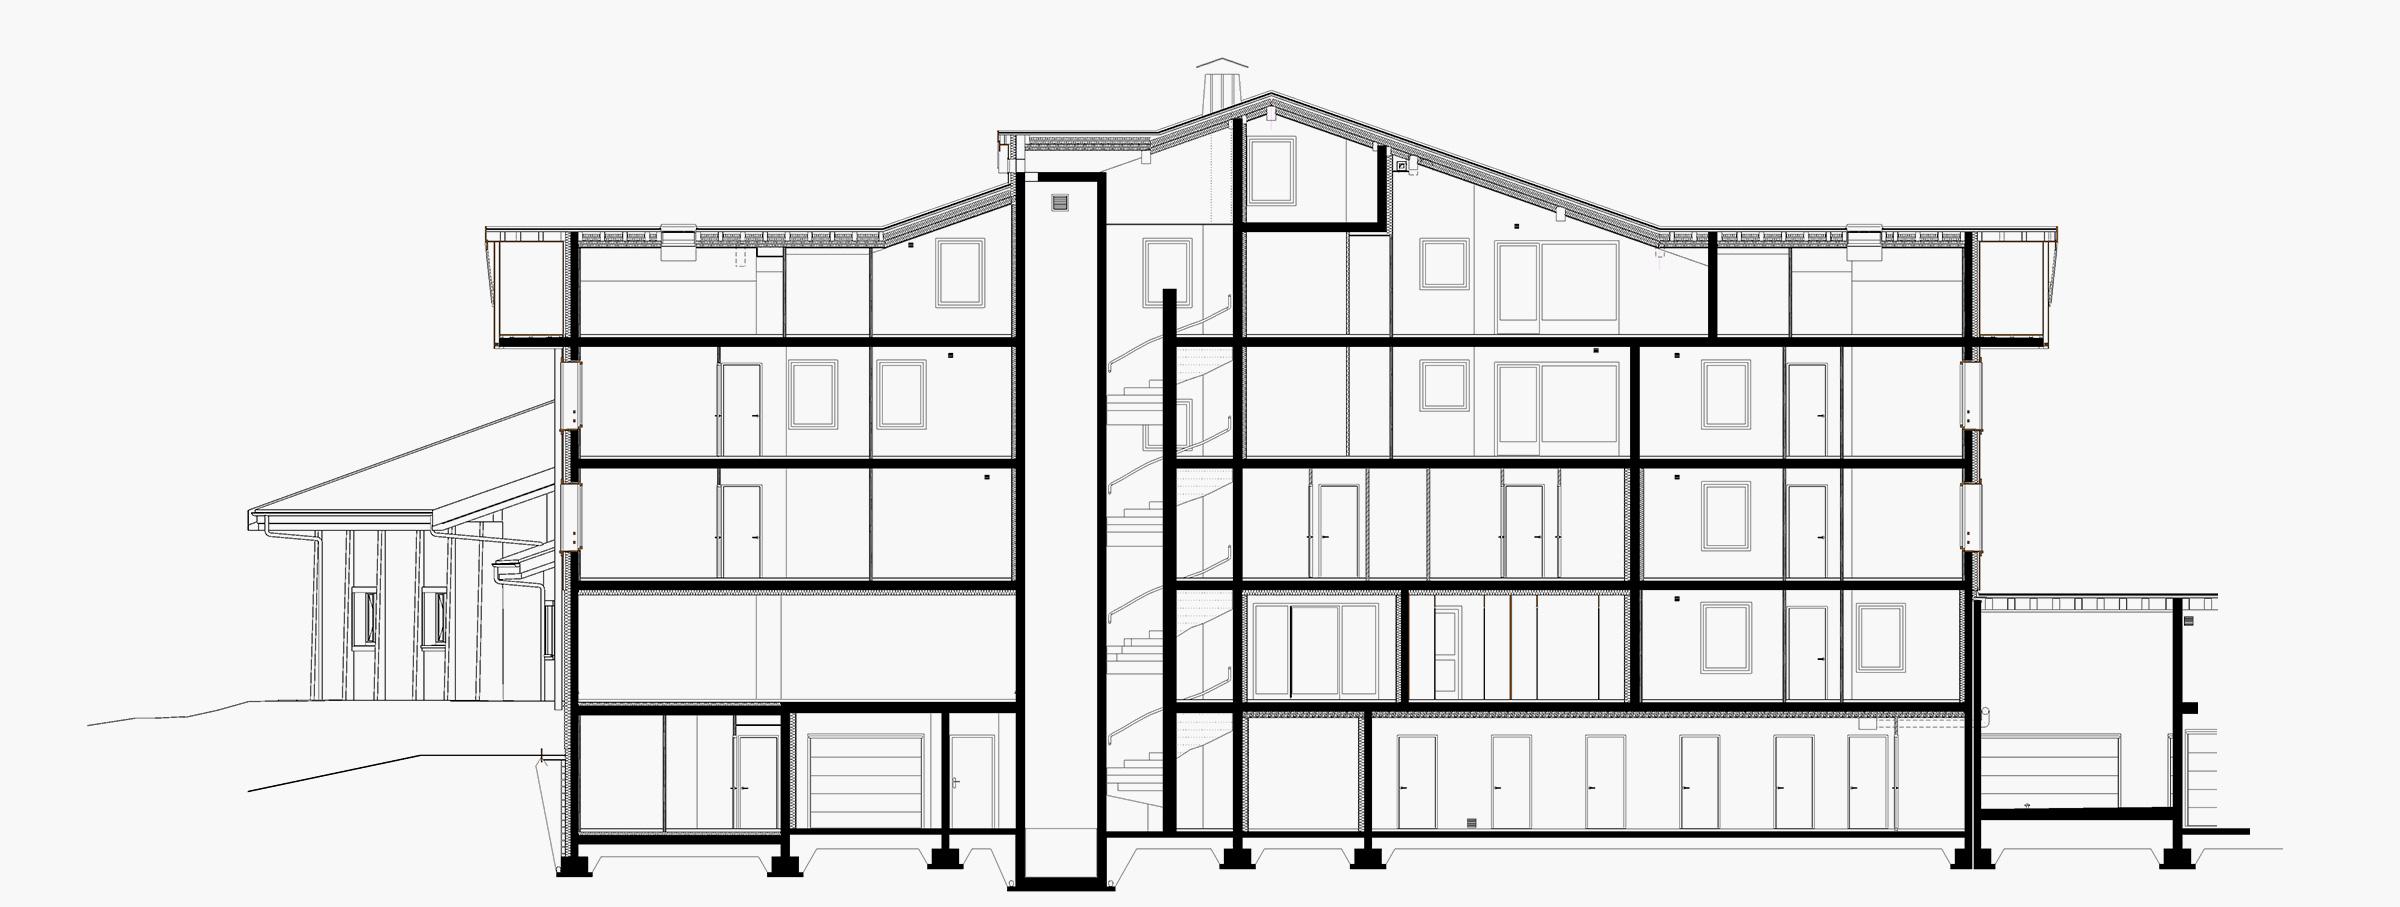 Bureau d'etude batiment Annecy - Plans techniques - Savoie Plan - Dessin technique de bâtiment